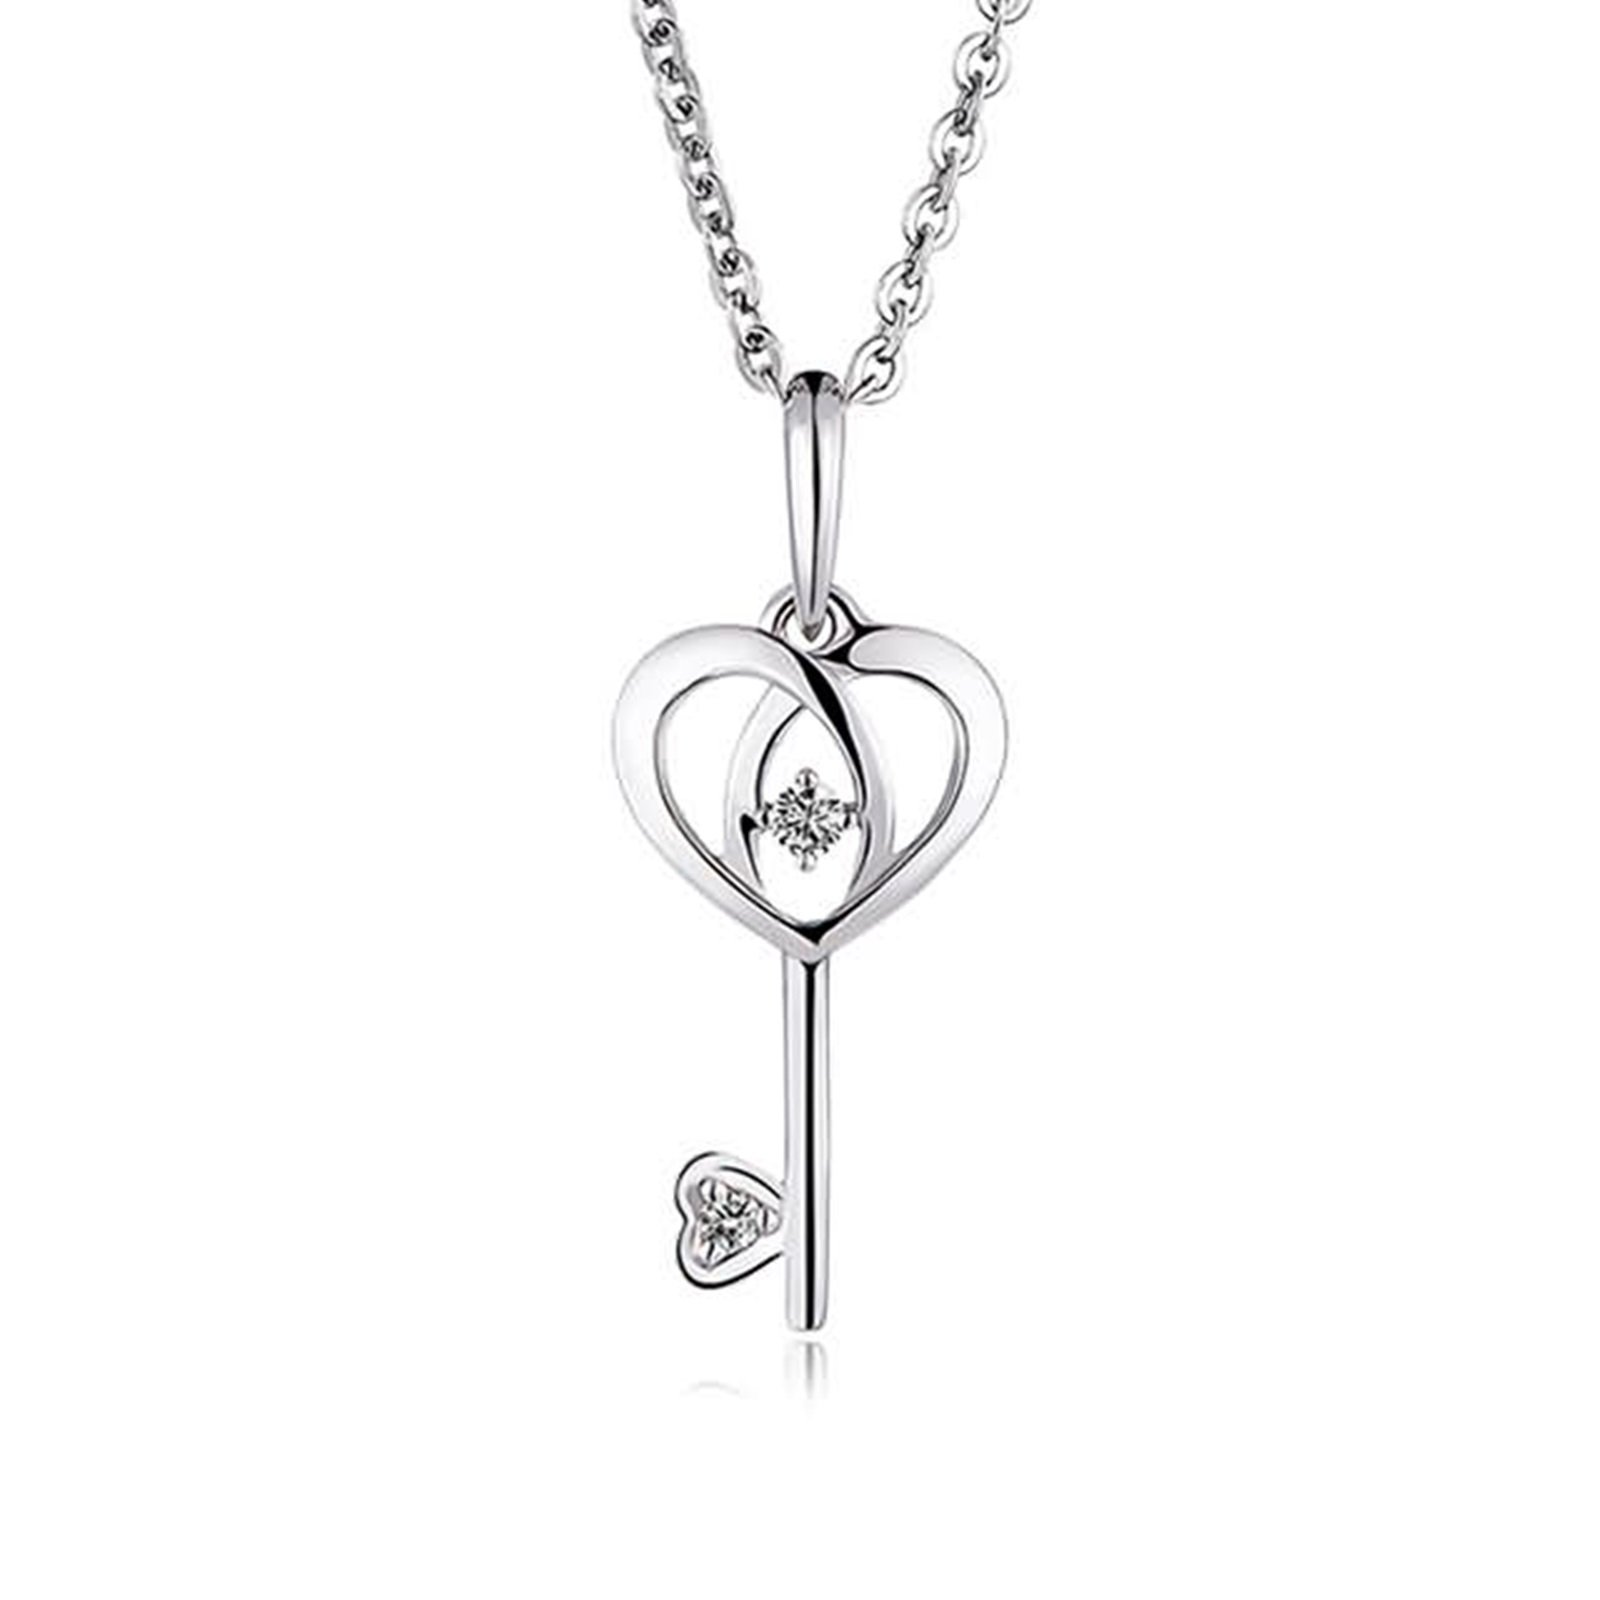 Adisaer 18k(750) White Gold Women Necklace Heart Key Pendant Round Diamond Wedding Necklace